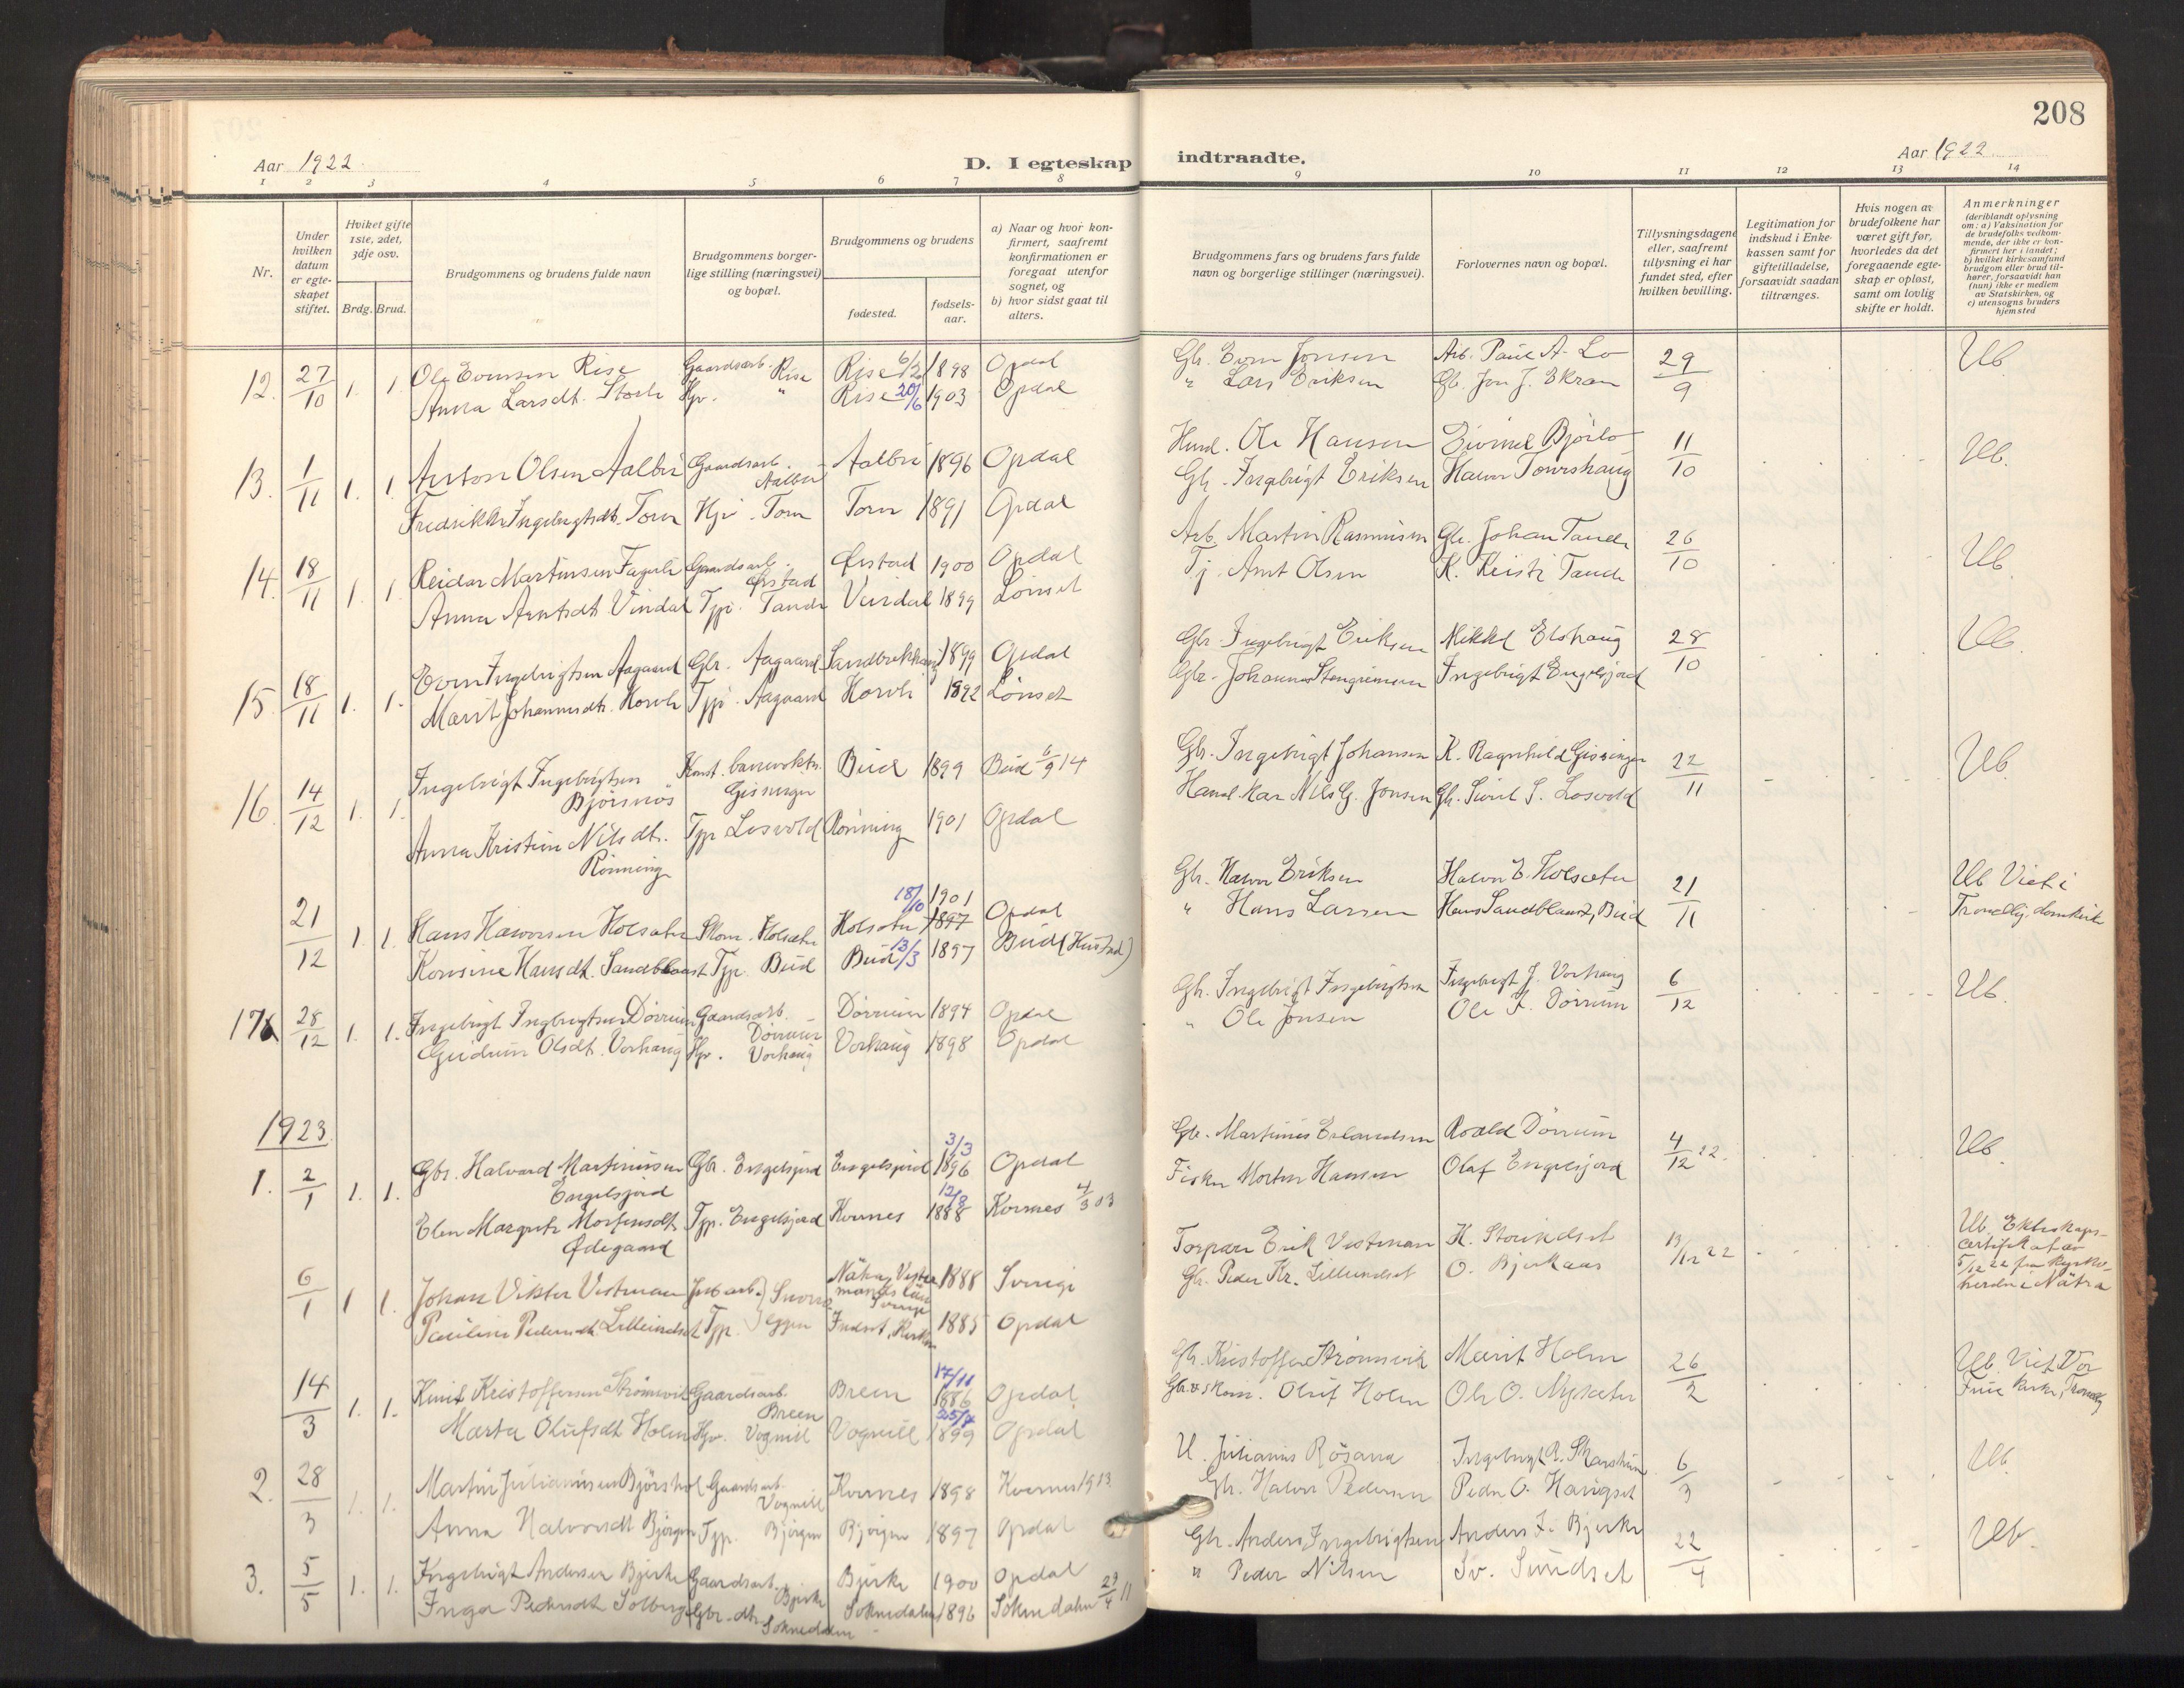 SAT, Ministerialprotokoller, klokkerbøker og fødselsregistre - Sør-Trøndelag, 678/L0909: Ministerialbok nr. 678A17, 1912-1930, s. 208